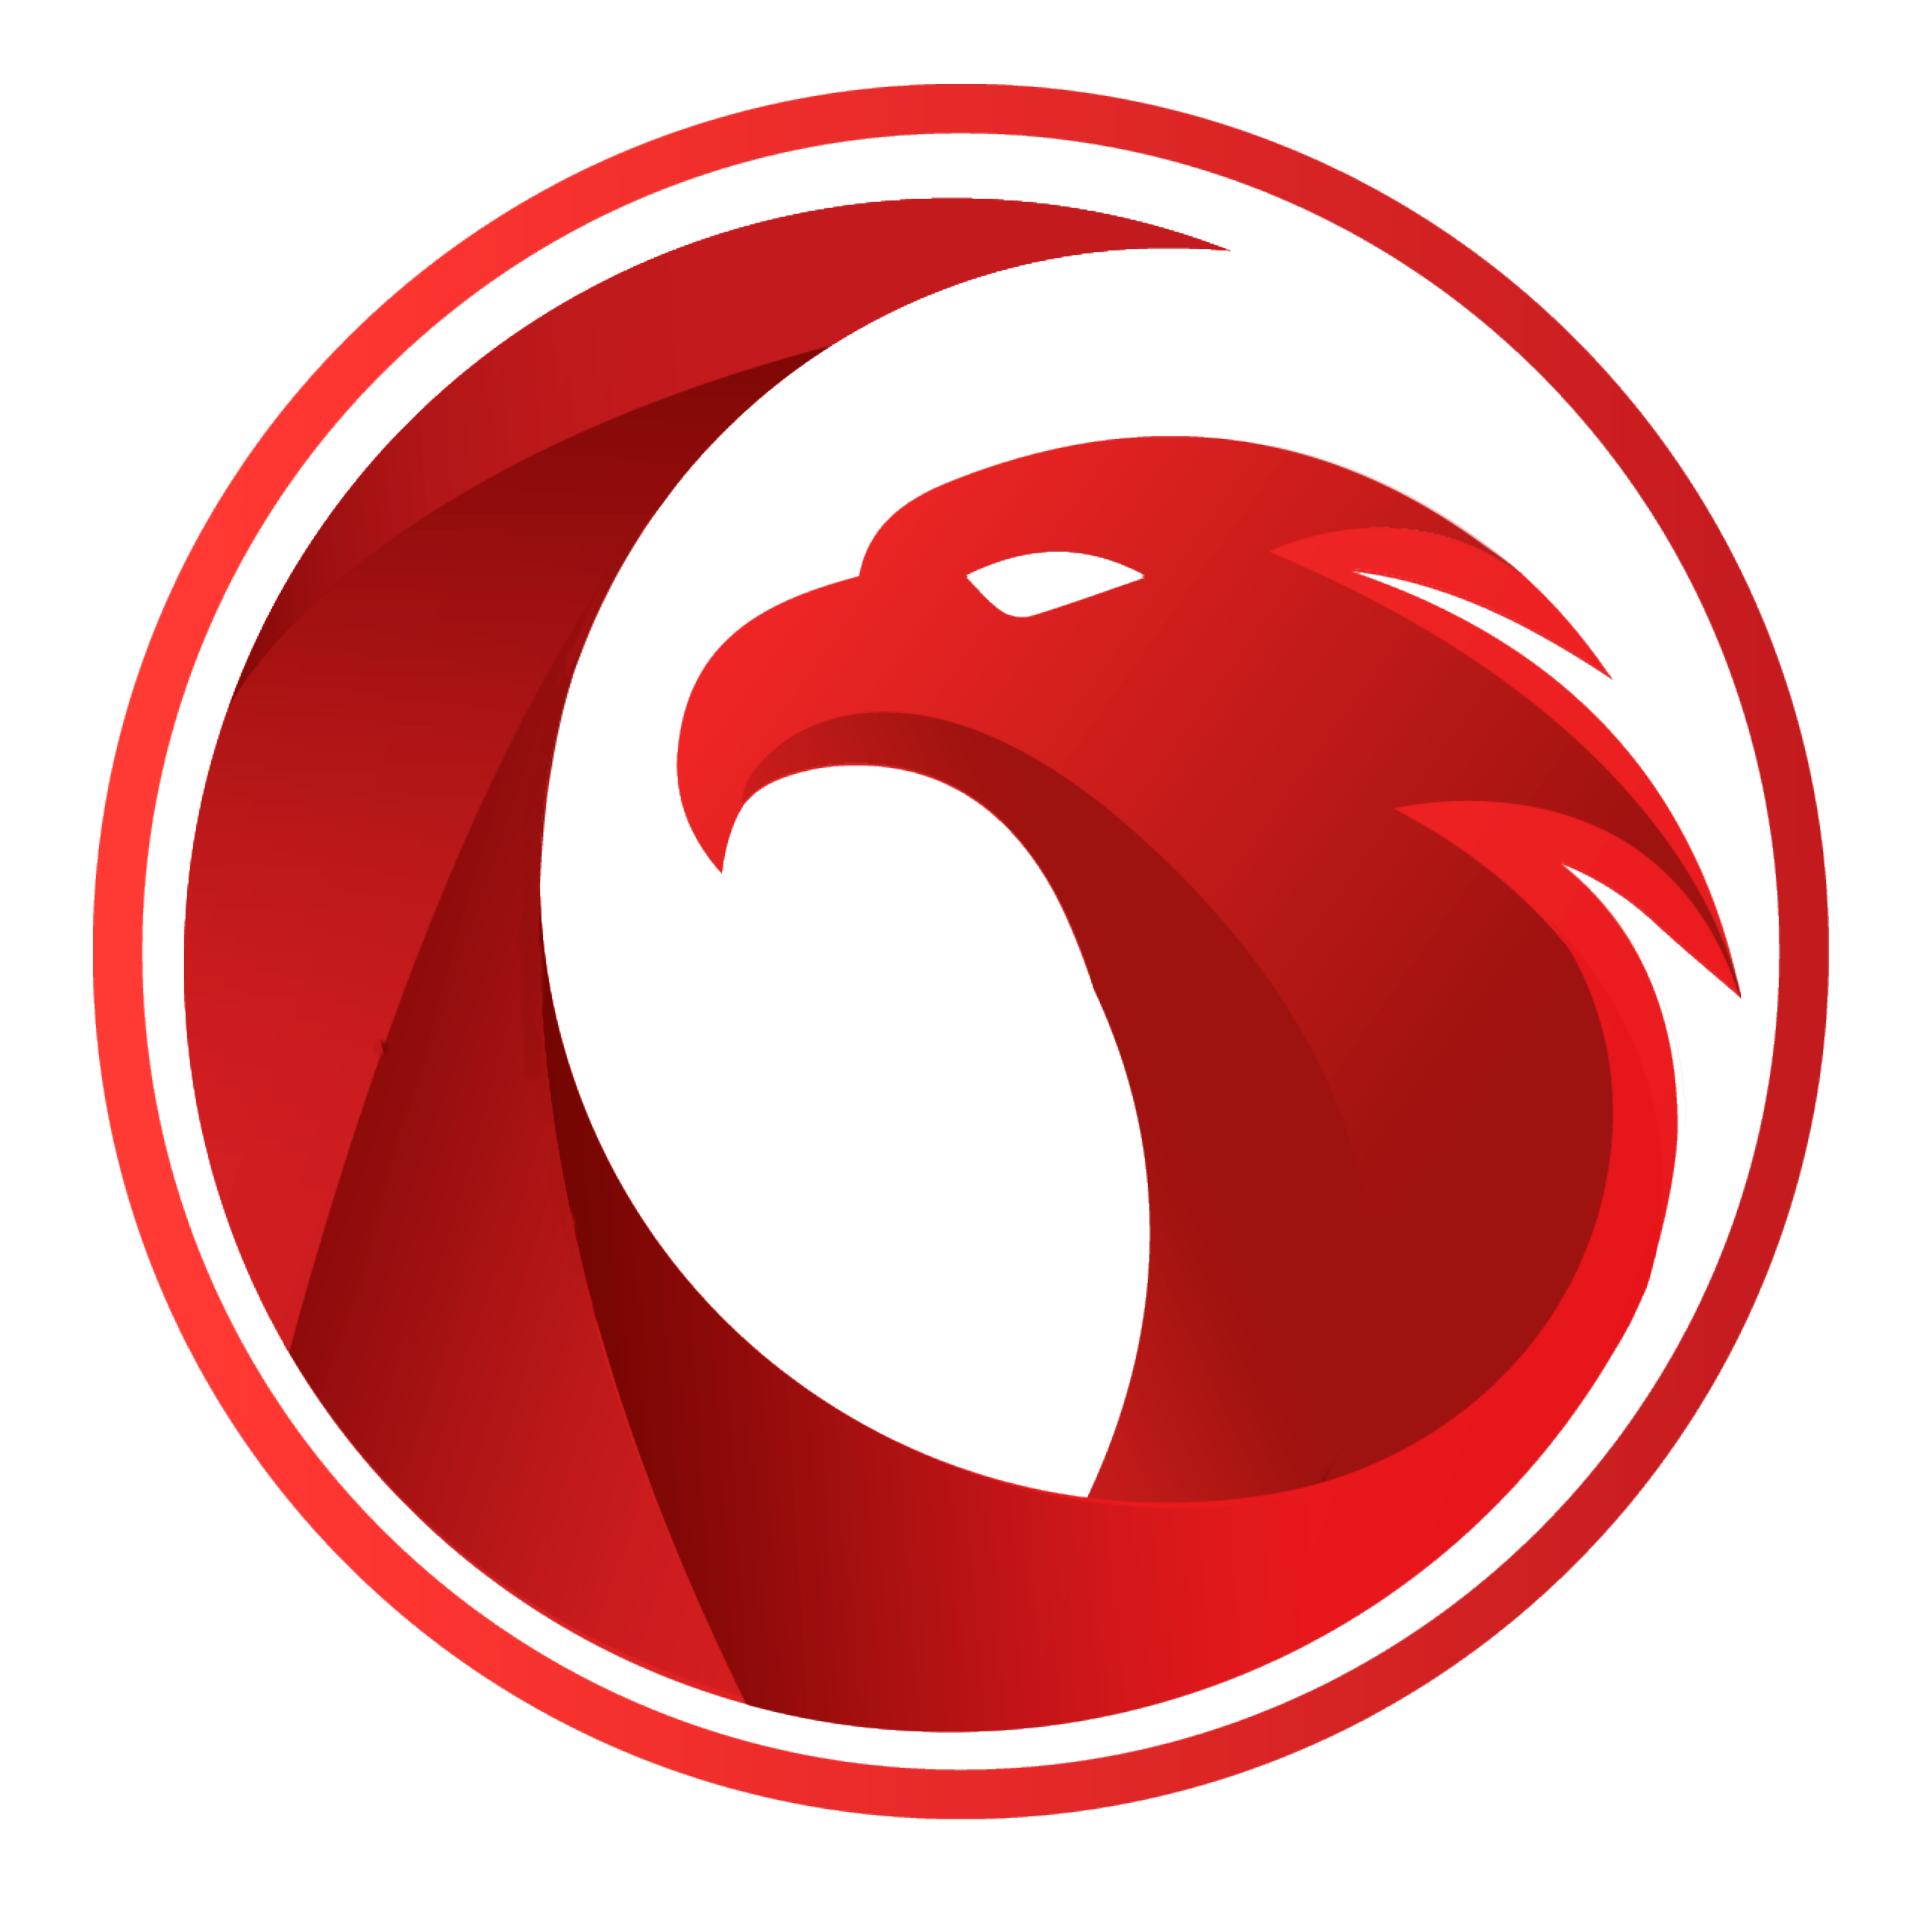 Tunisie-Affaire Nabil Karoui: Le parti Al Amal appelle à une justice indépendante